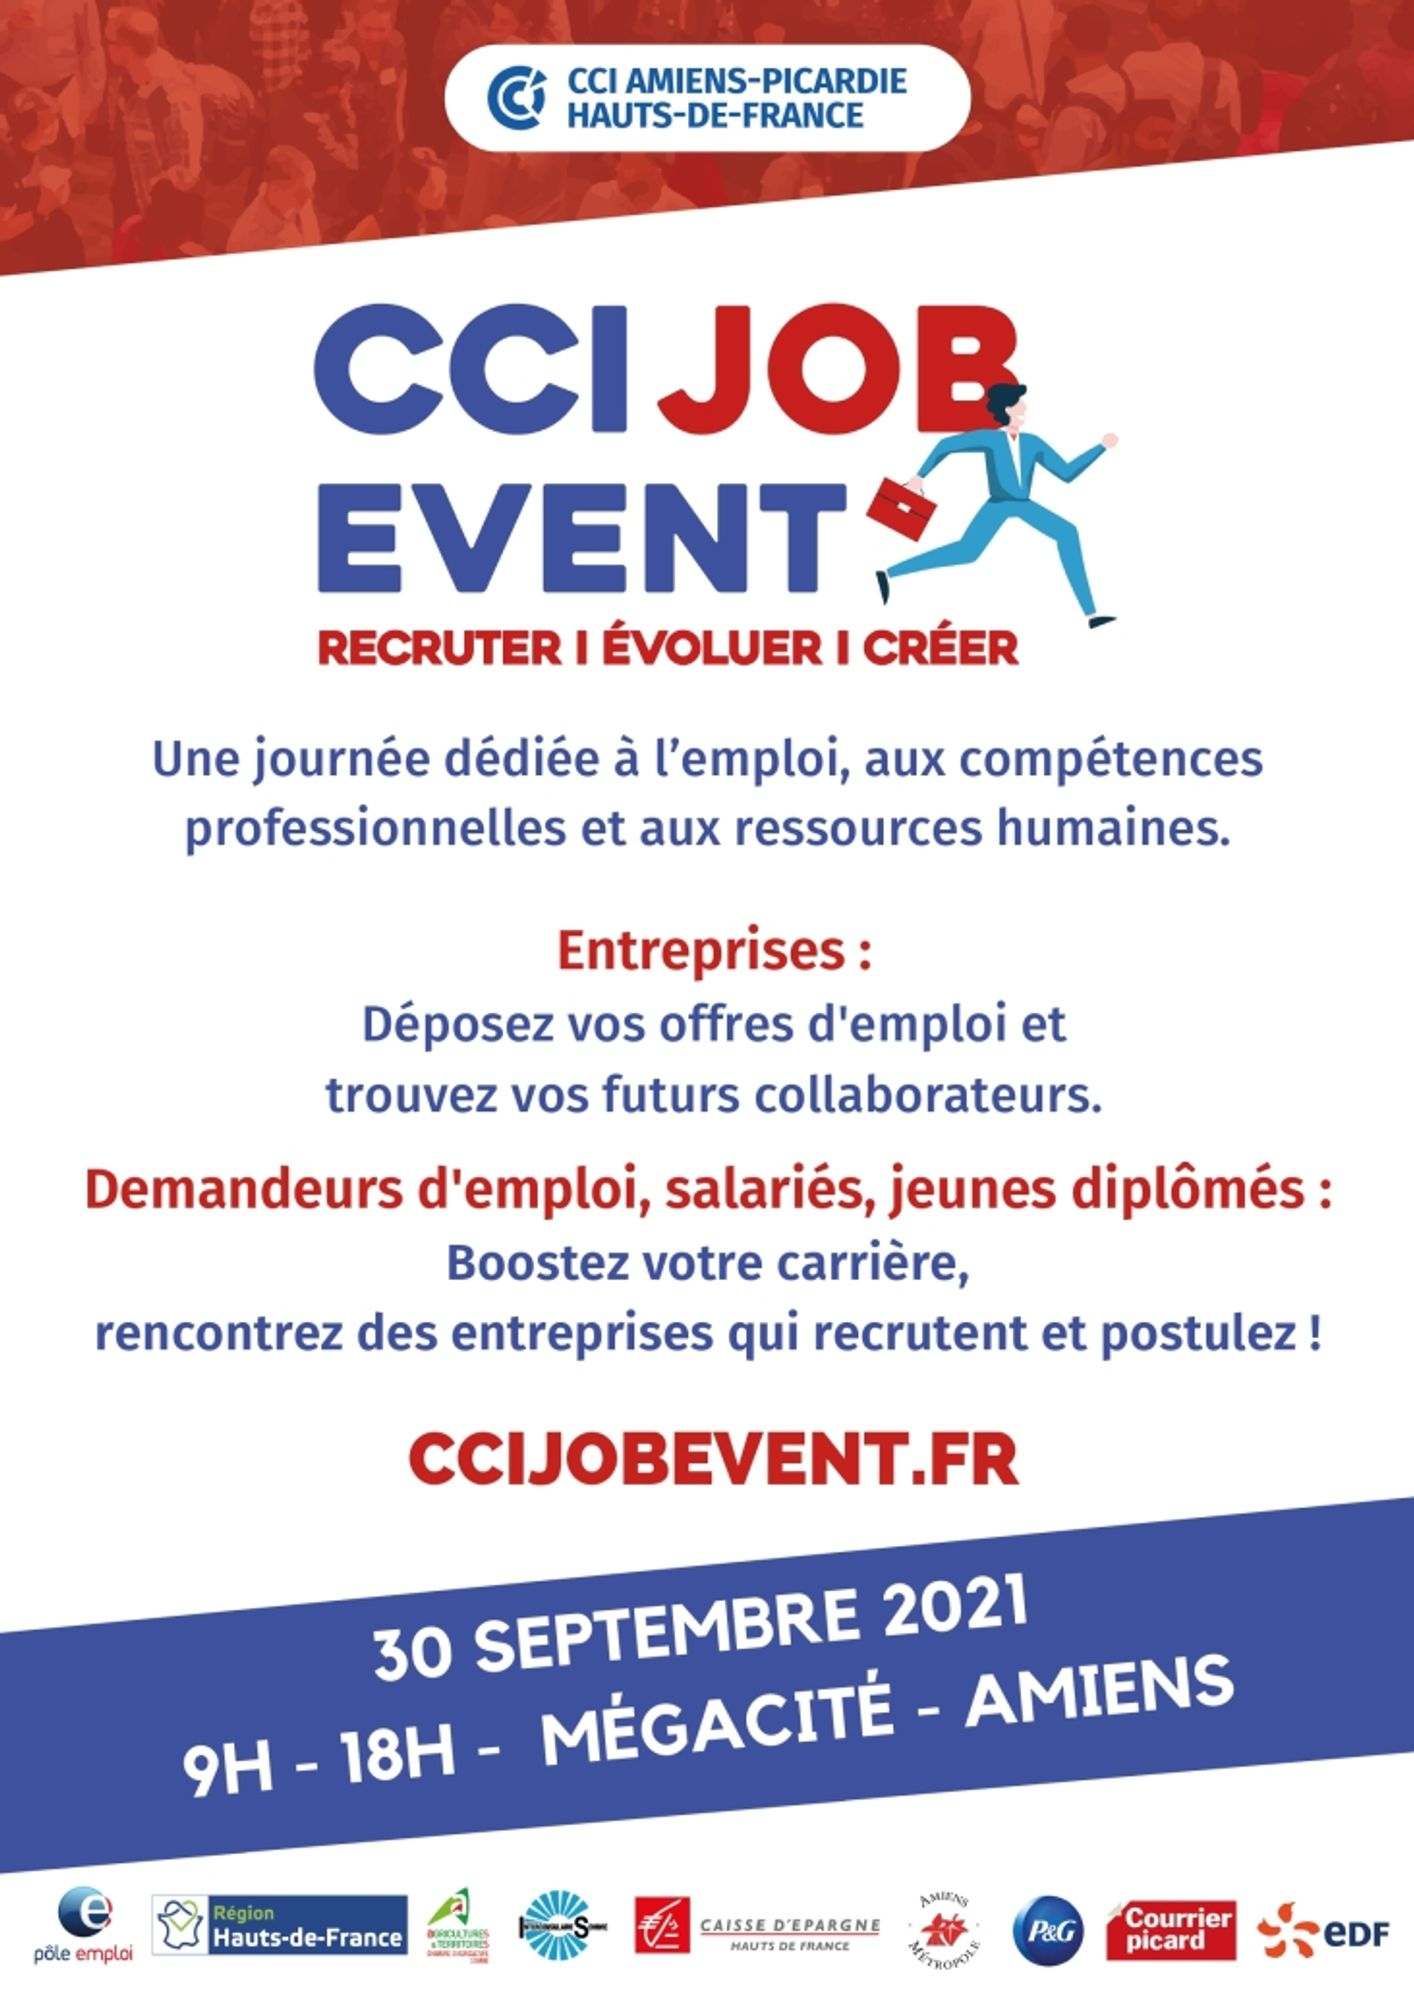 CCI JOB EVENT 2021 - Amiens